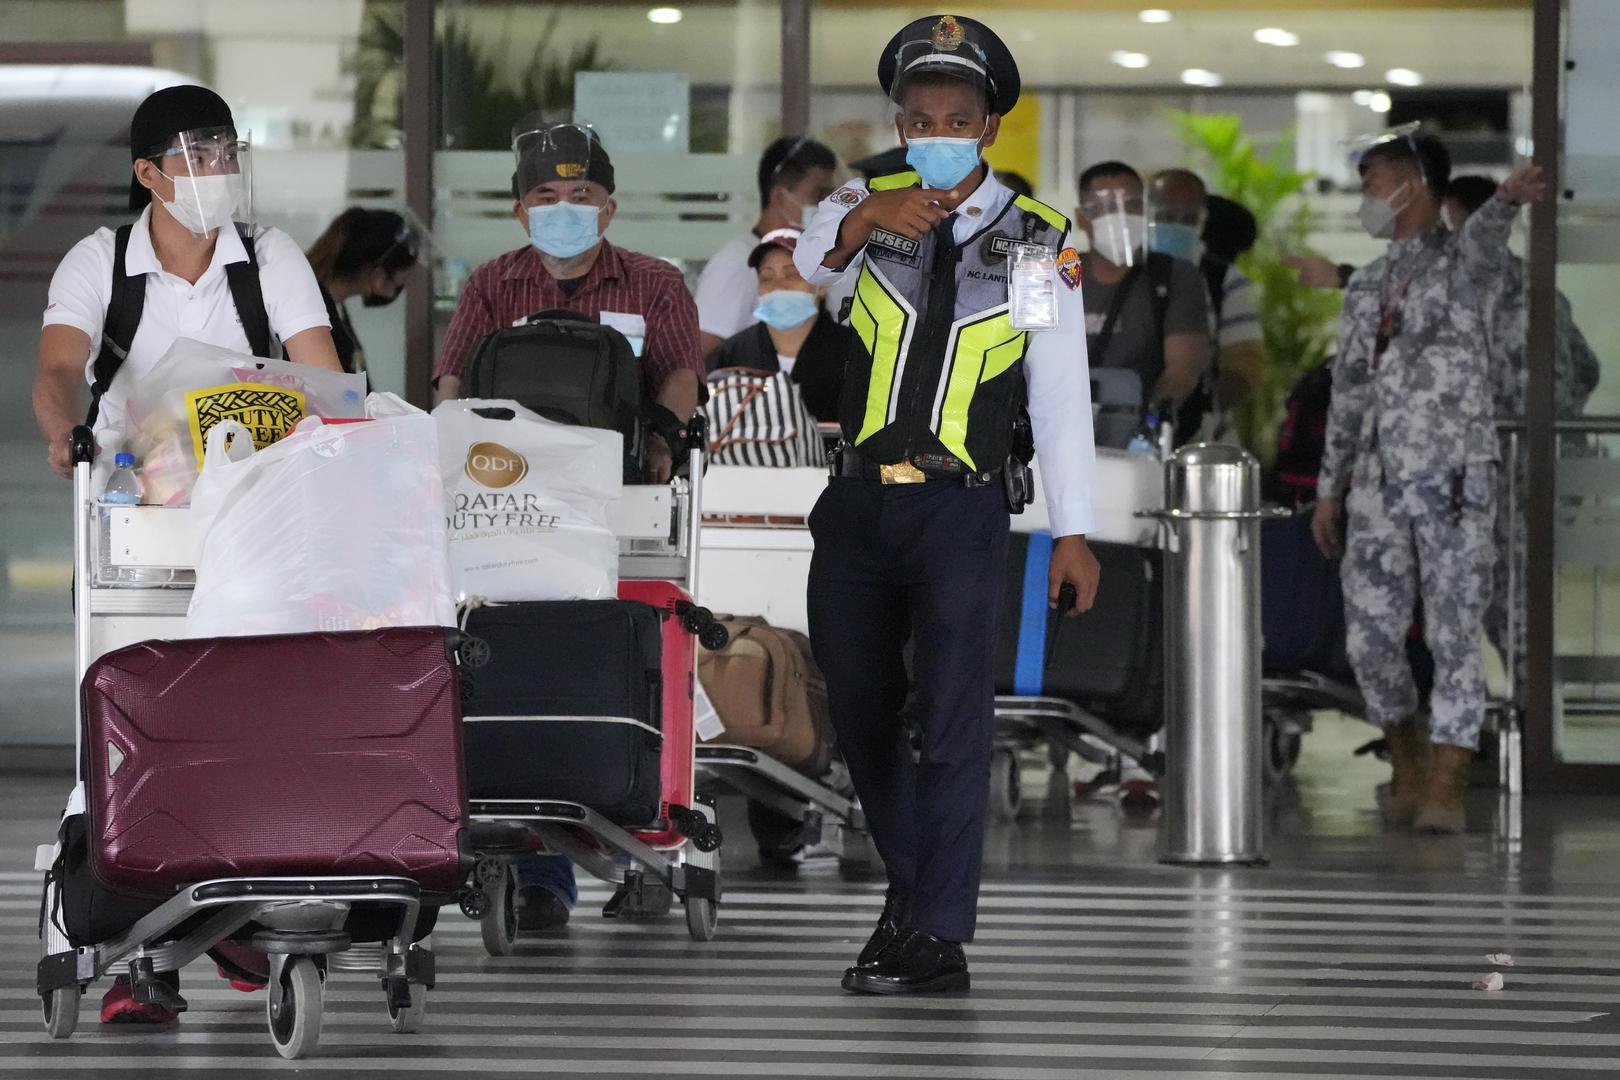 ماليزيا وفيتنام وإندونيسيا تعلن التخلي عن سياسة